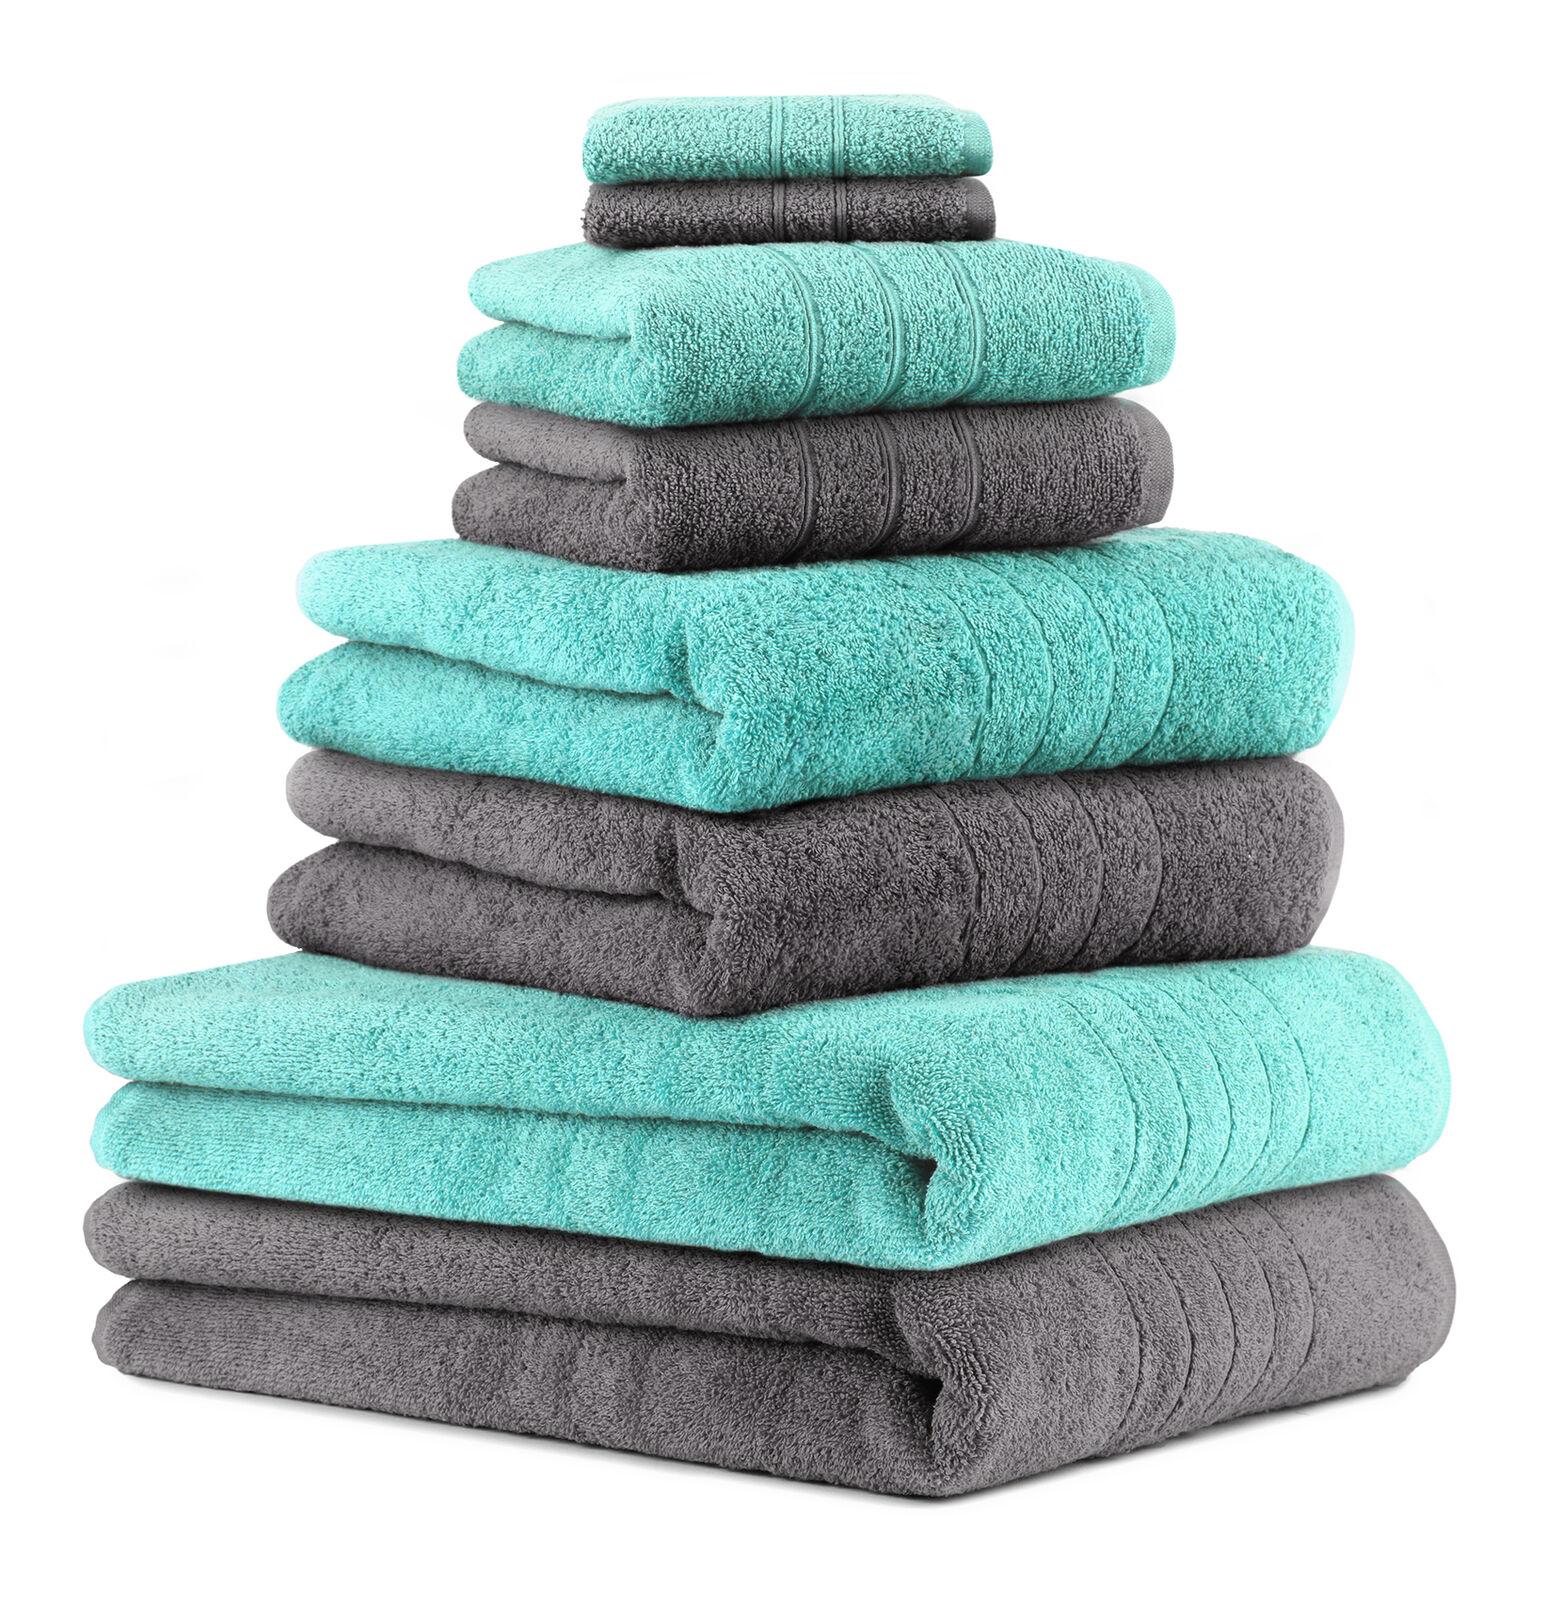 Betz 8tlg Handtuch Set DELUXE Badetücher Duschtücher Handtücher Seiftücher     | Sorgfältig ausgewählte Materialien